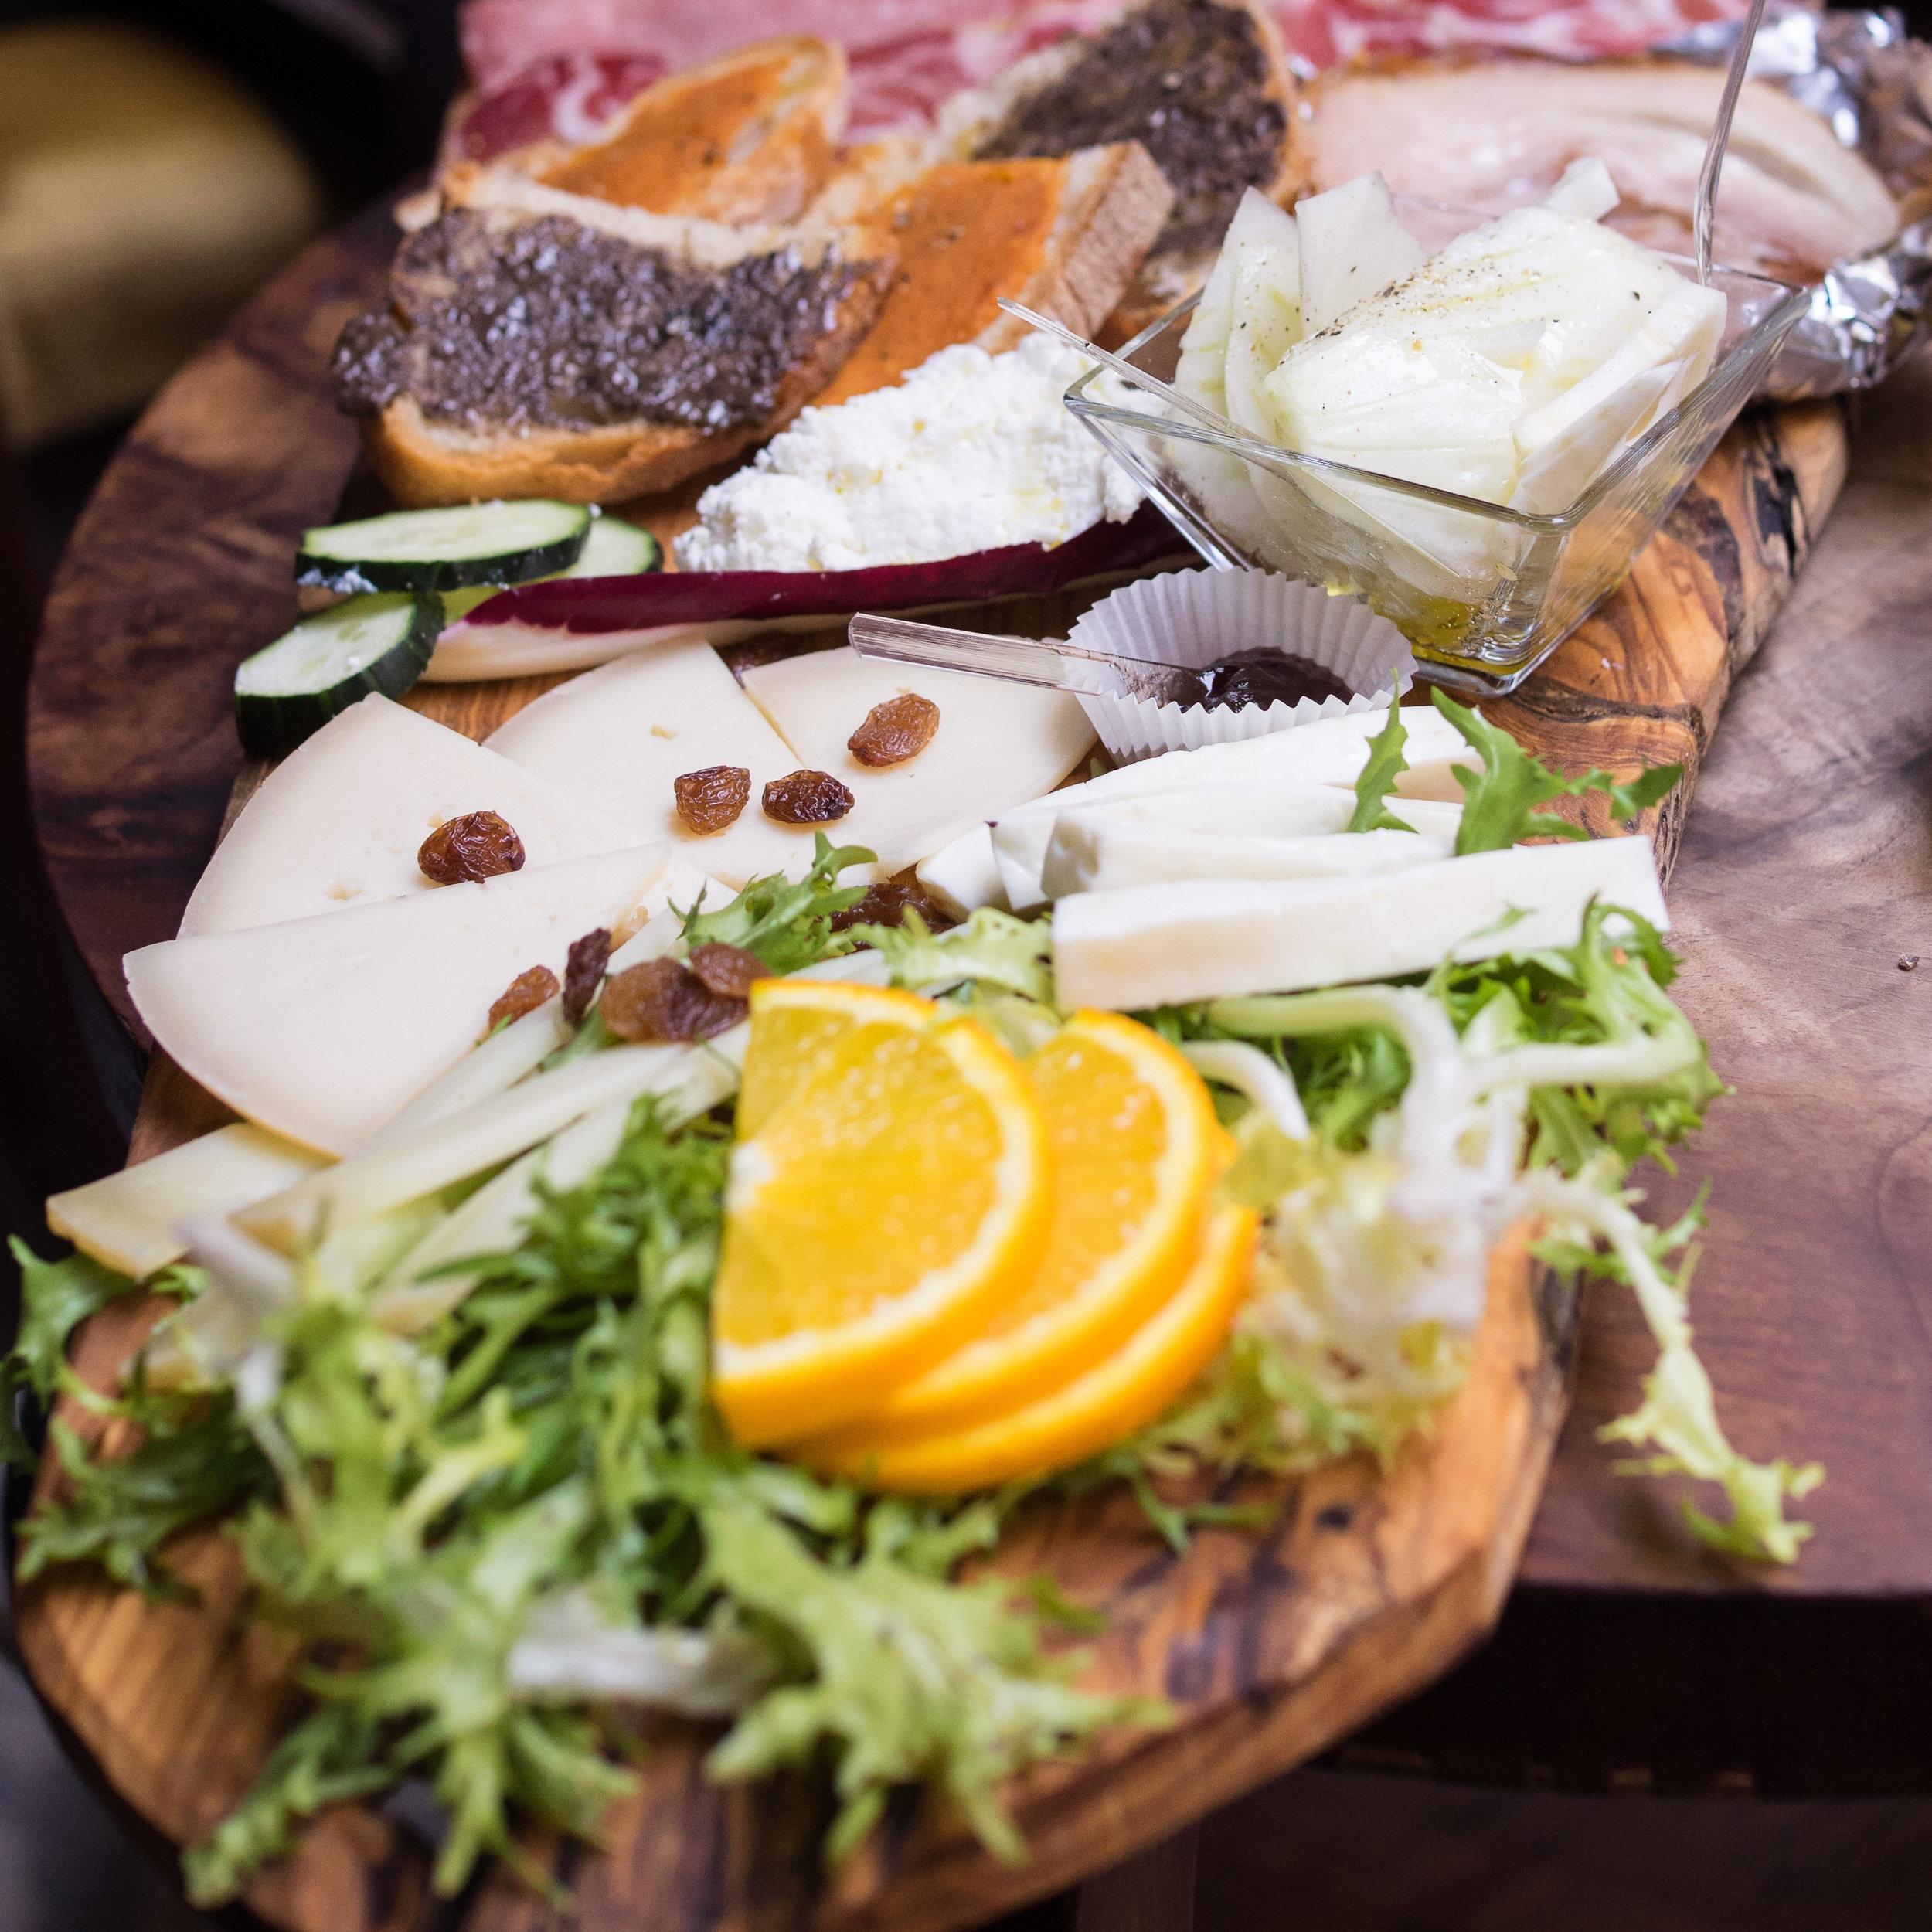 所谓的冷盘小食就是将不同种类的起司、熟肉或者是生肉、搭配坚果、水果、面包、肉酱、或者是果酱;可以按照个人喜好随意搭配,也可以直接点菜单上店家搭配好了的套餐。